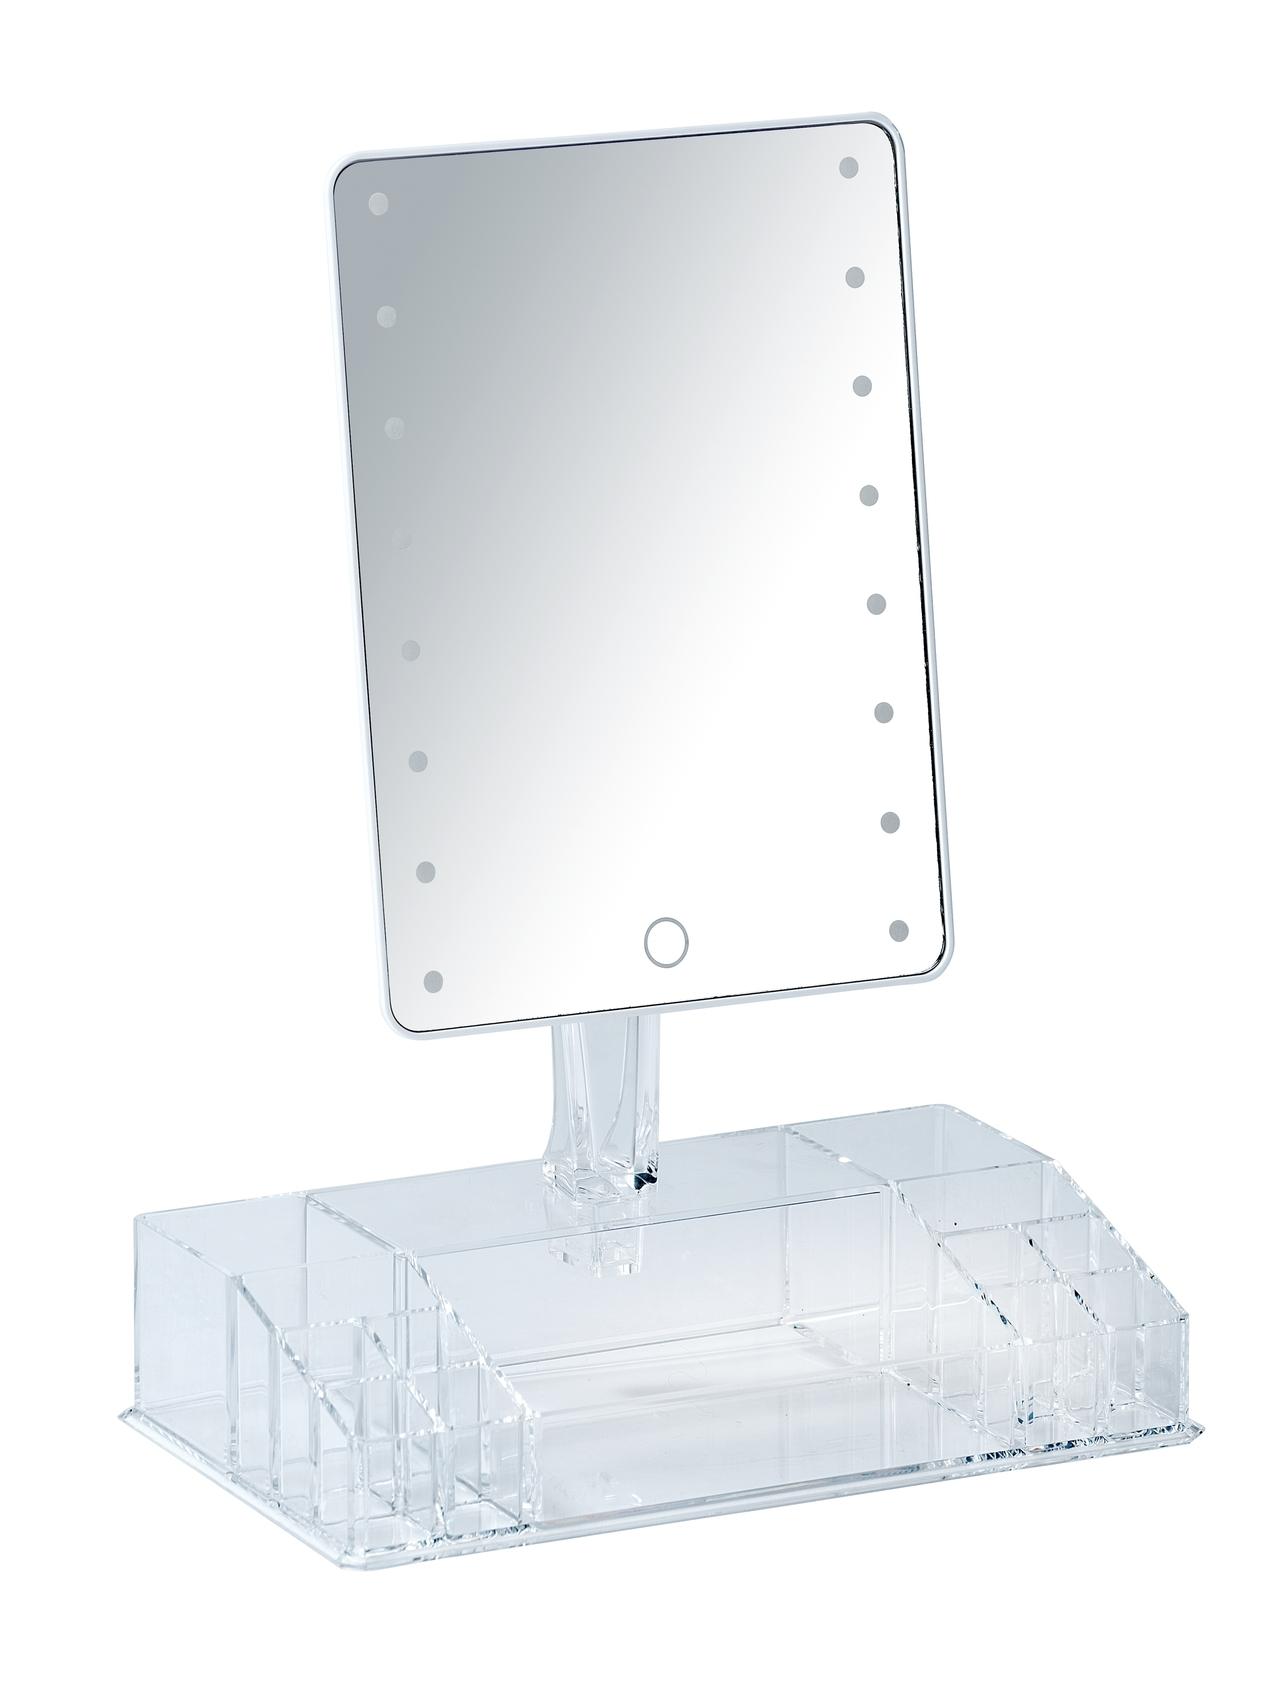 Oglinda cosmetica de masa, cu LED si organizator din plastic, Farnese Transparent, L27xl16xH36 cm imagine